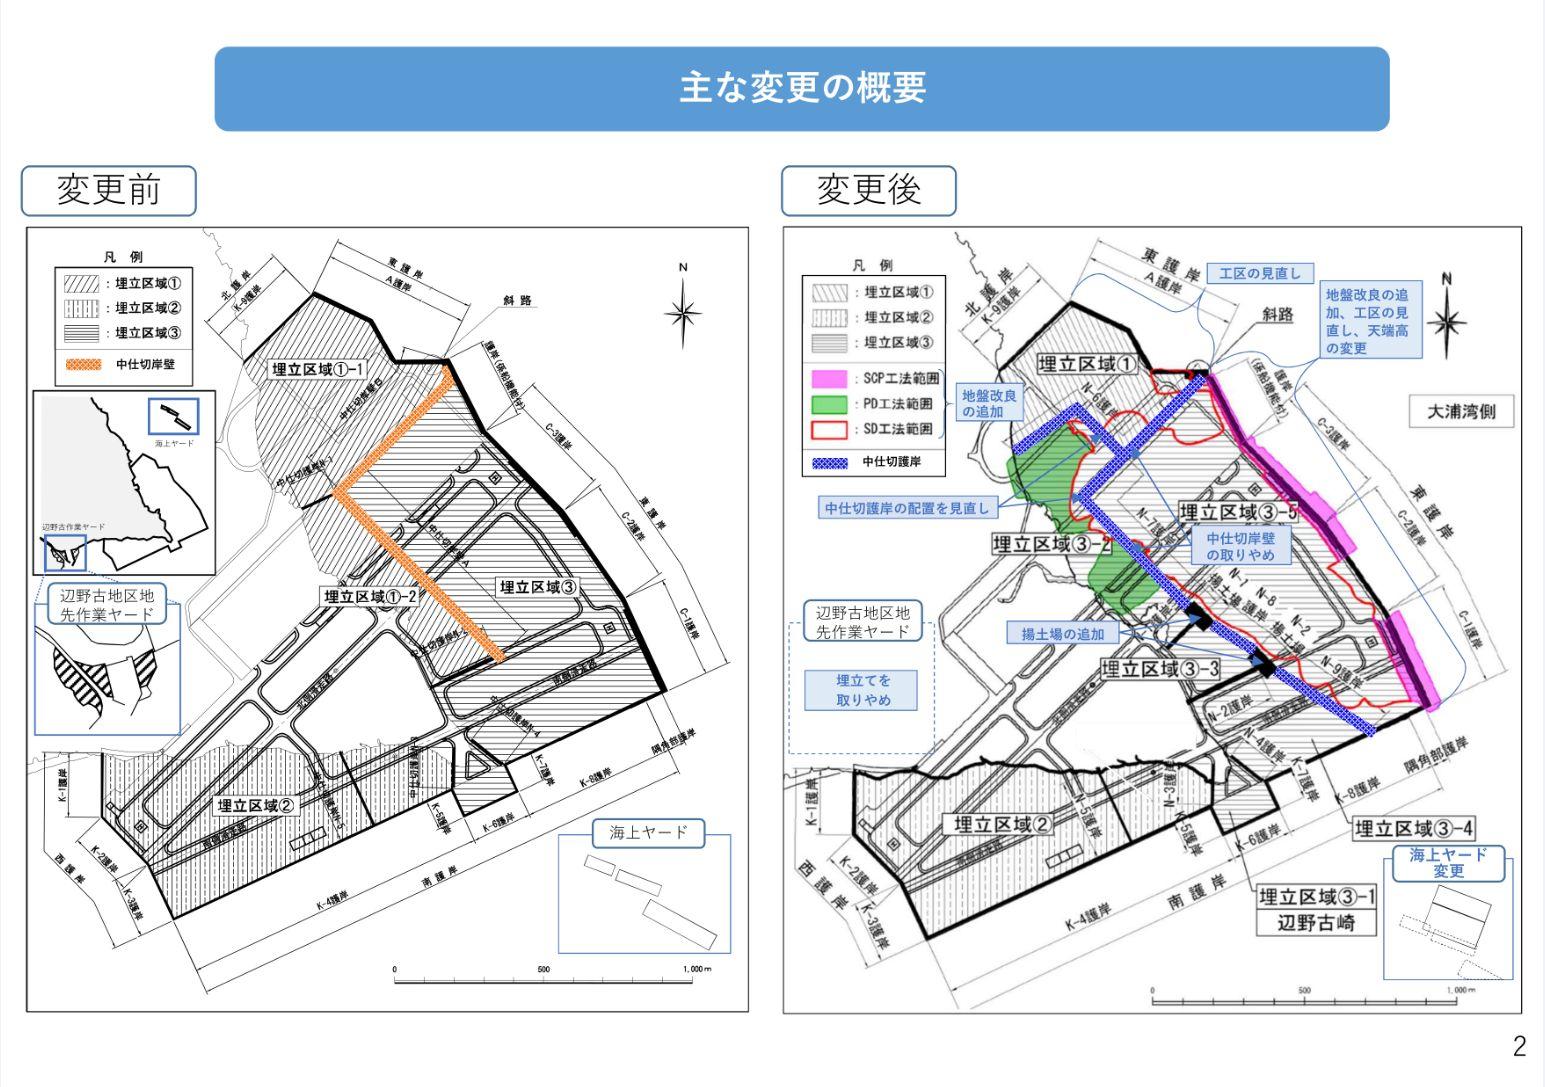 普天間飛行場代替施設建設事業 公有水面埋立変更承認申請の概要02a